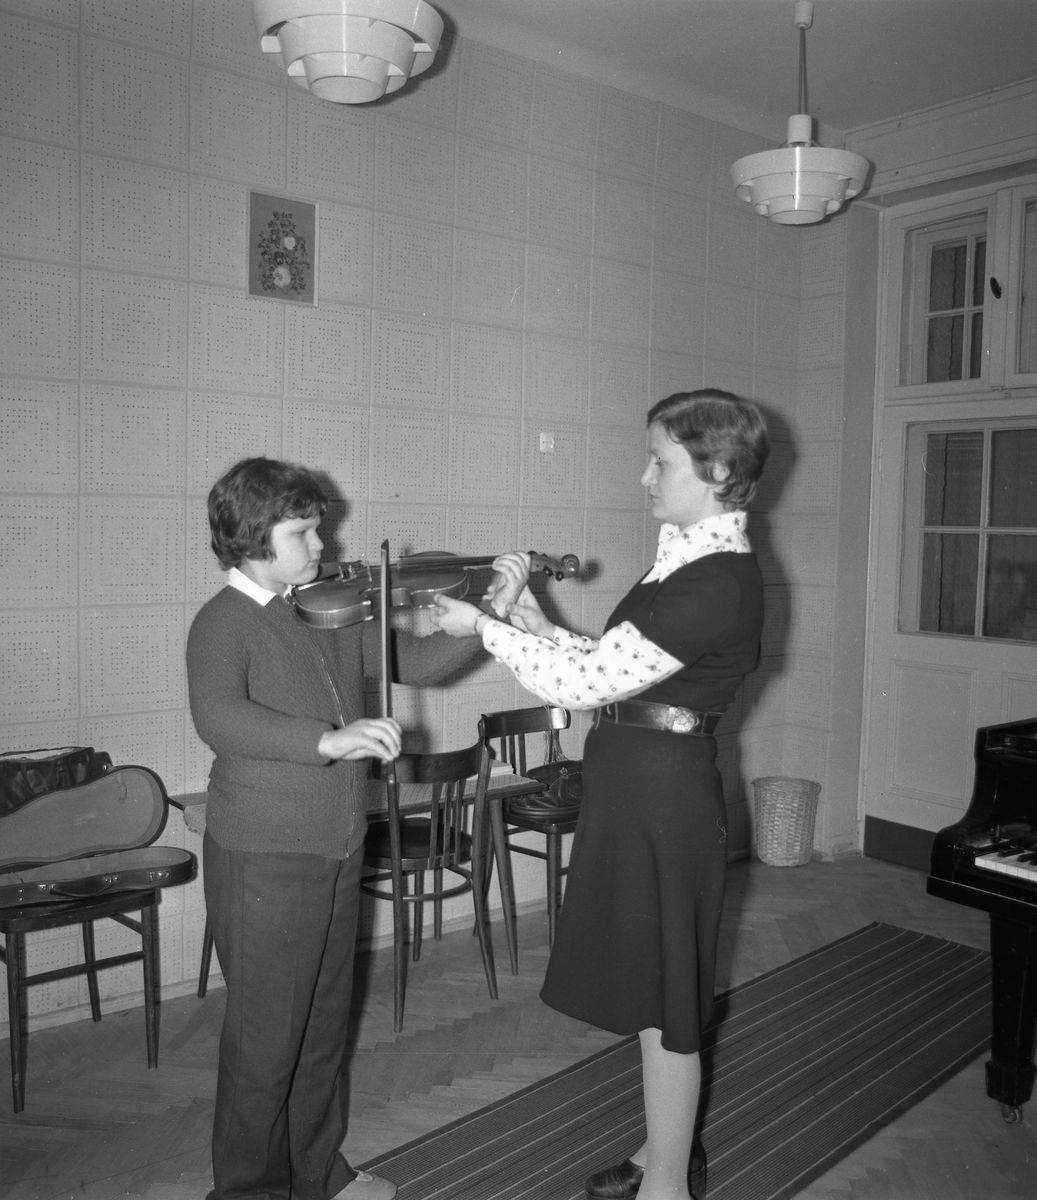 Zajęcia w szkole muzycznej [8]